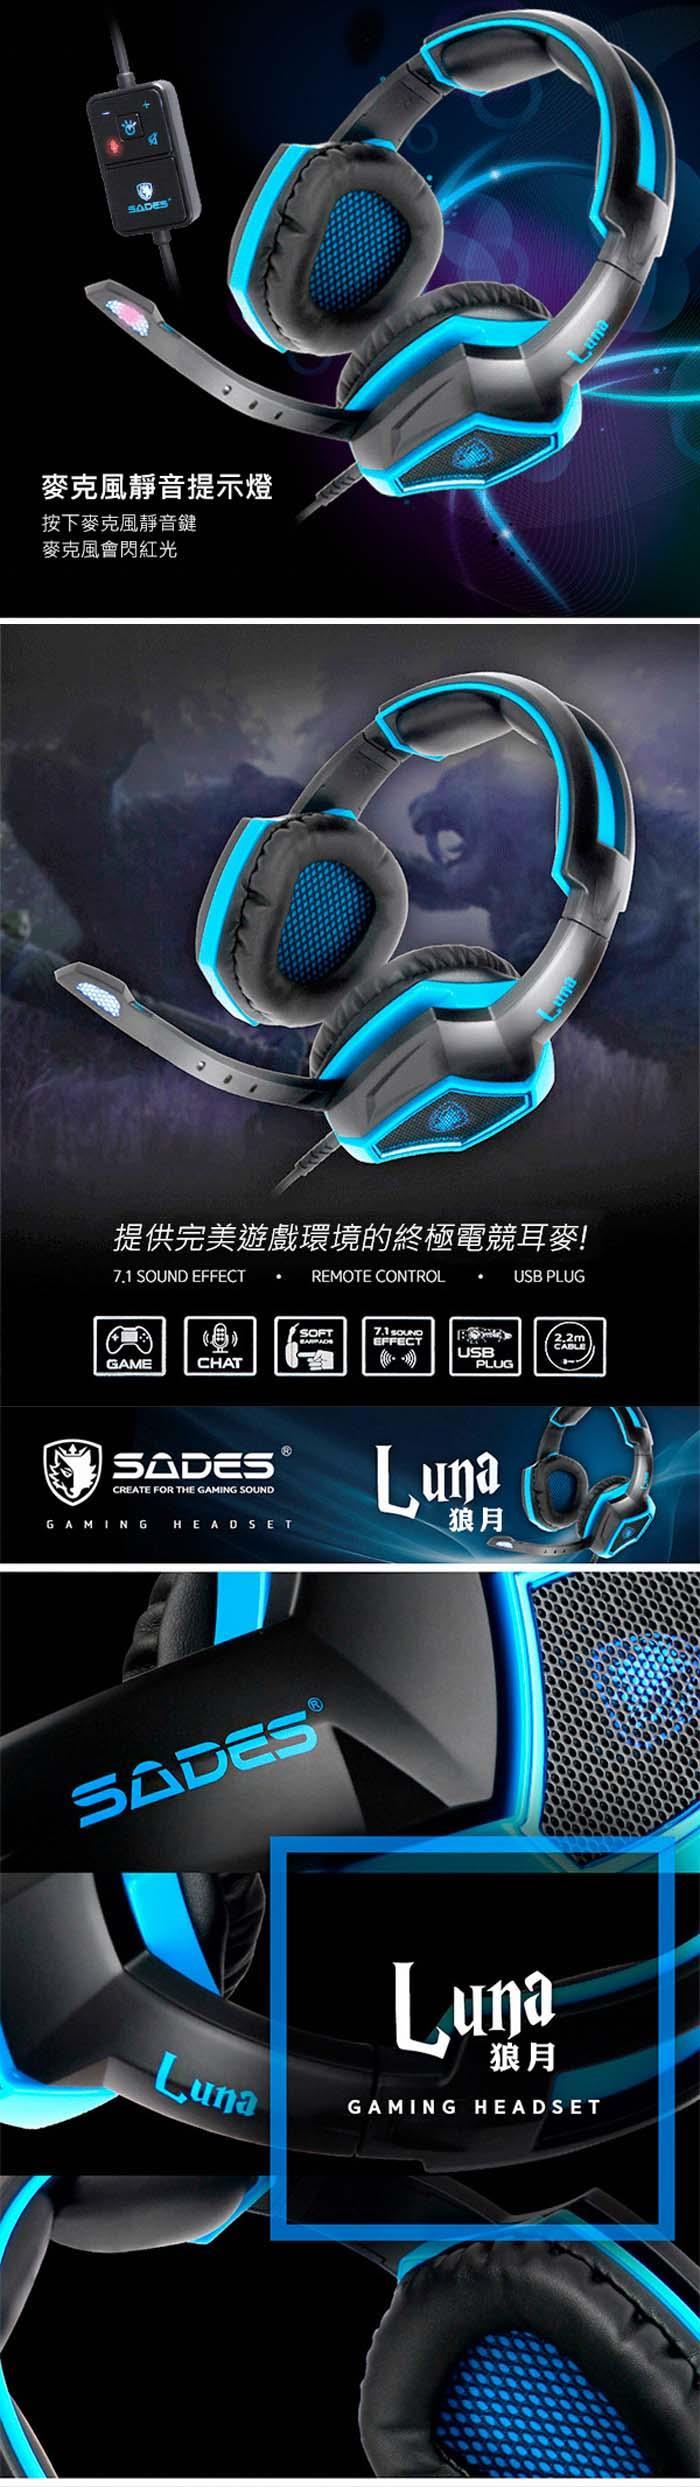 賽德斯 SADES LUNA 狼月 電競耳麥 7.1 (USB)